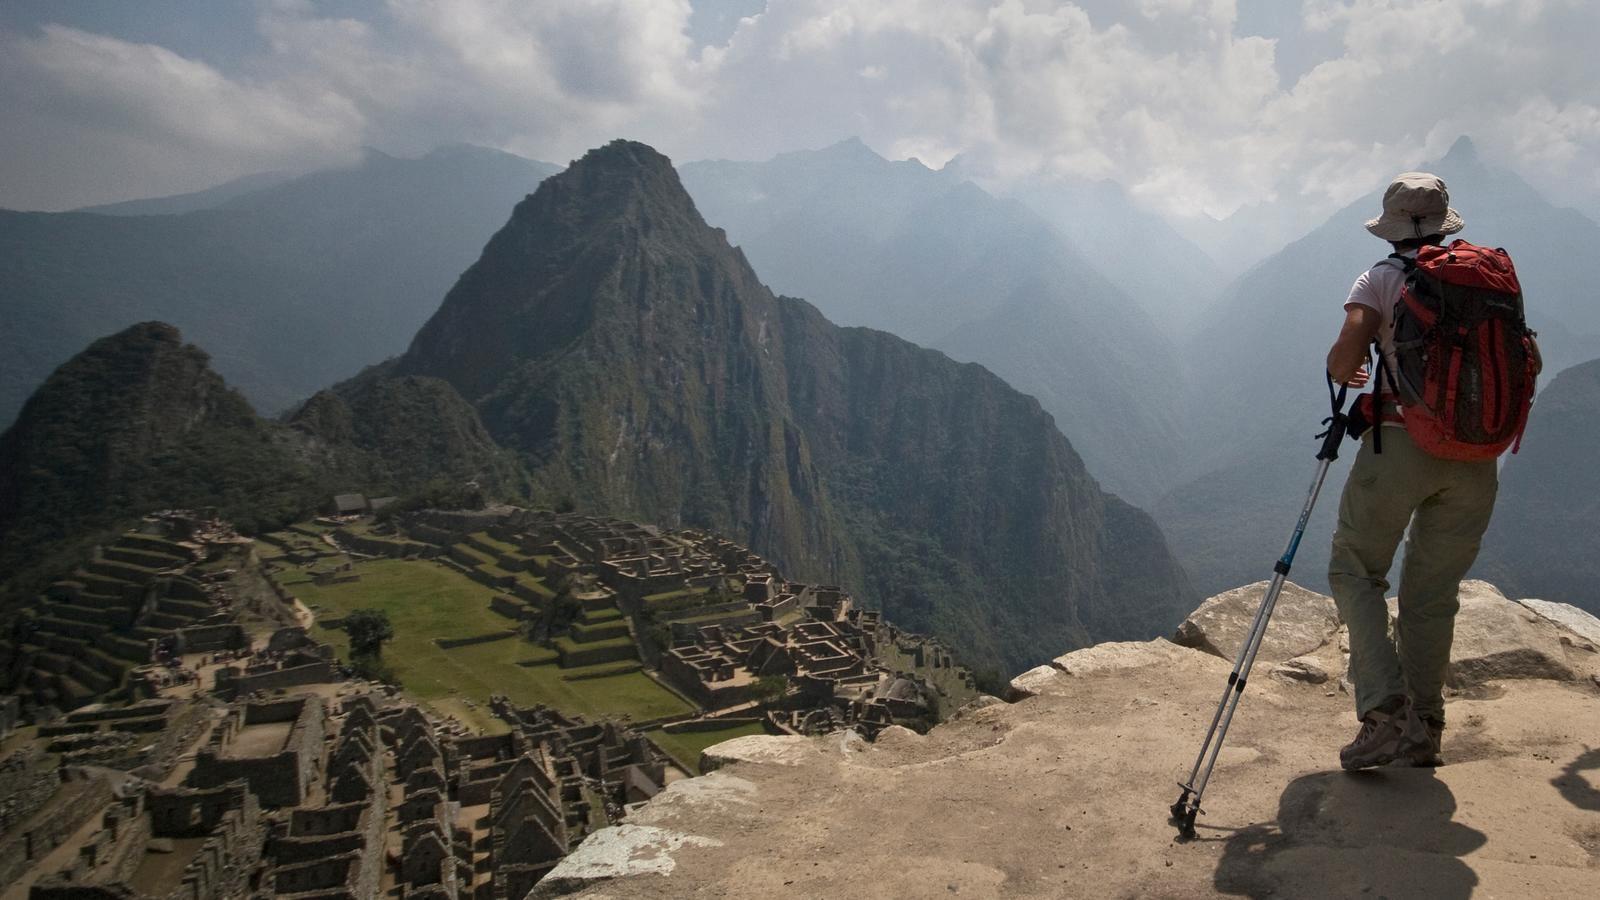 Incatrail Peru